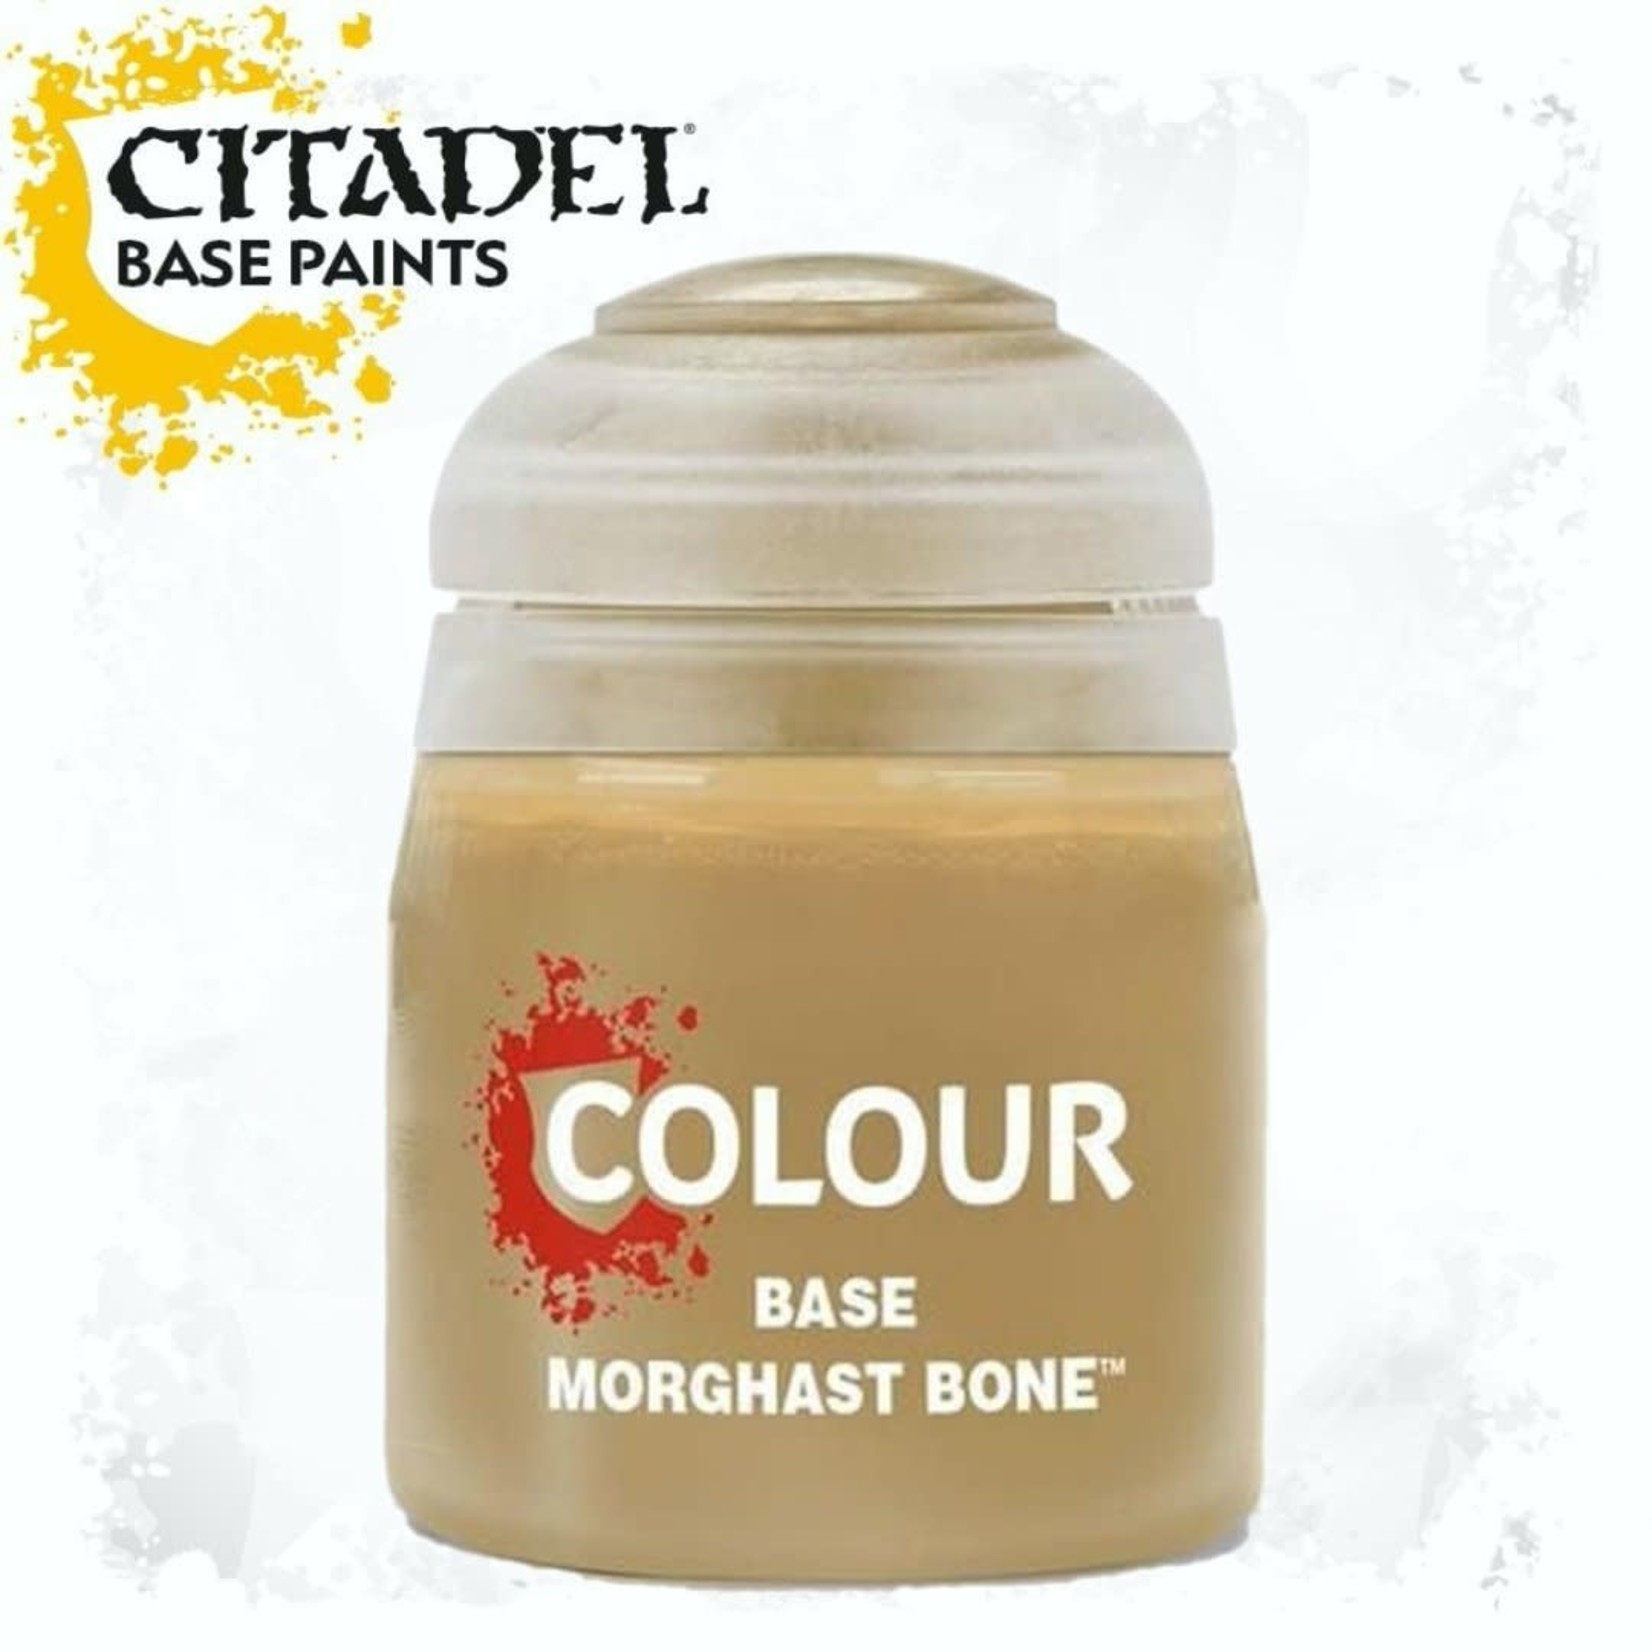 Citadel Citadel Paint - Base: Morghast Bone